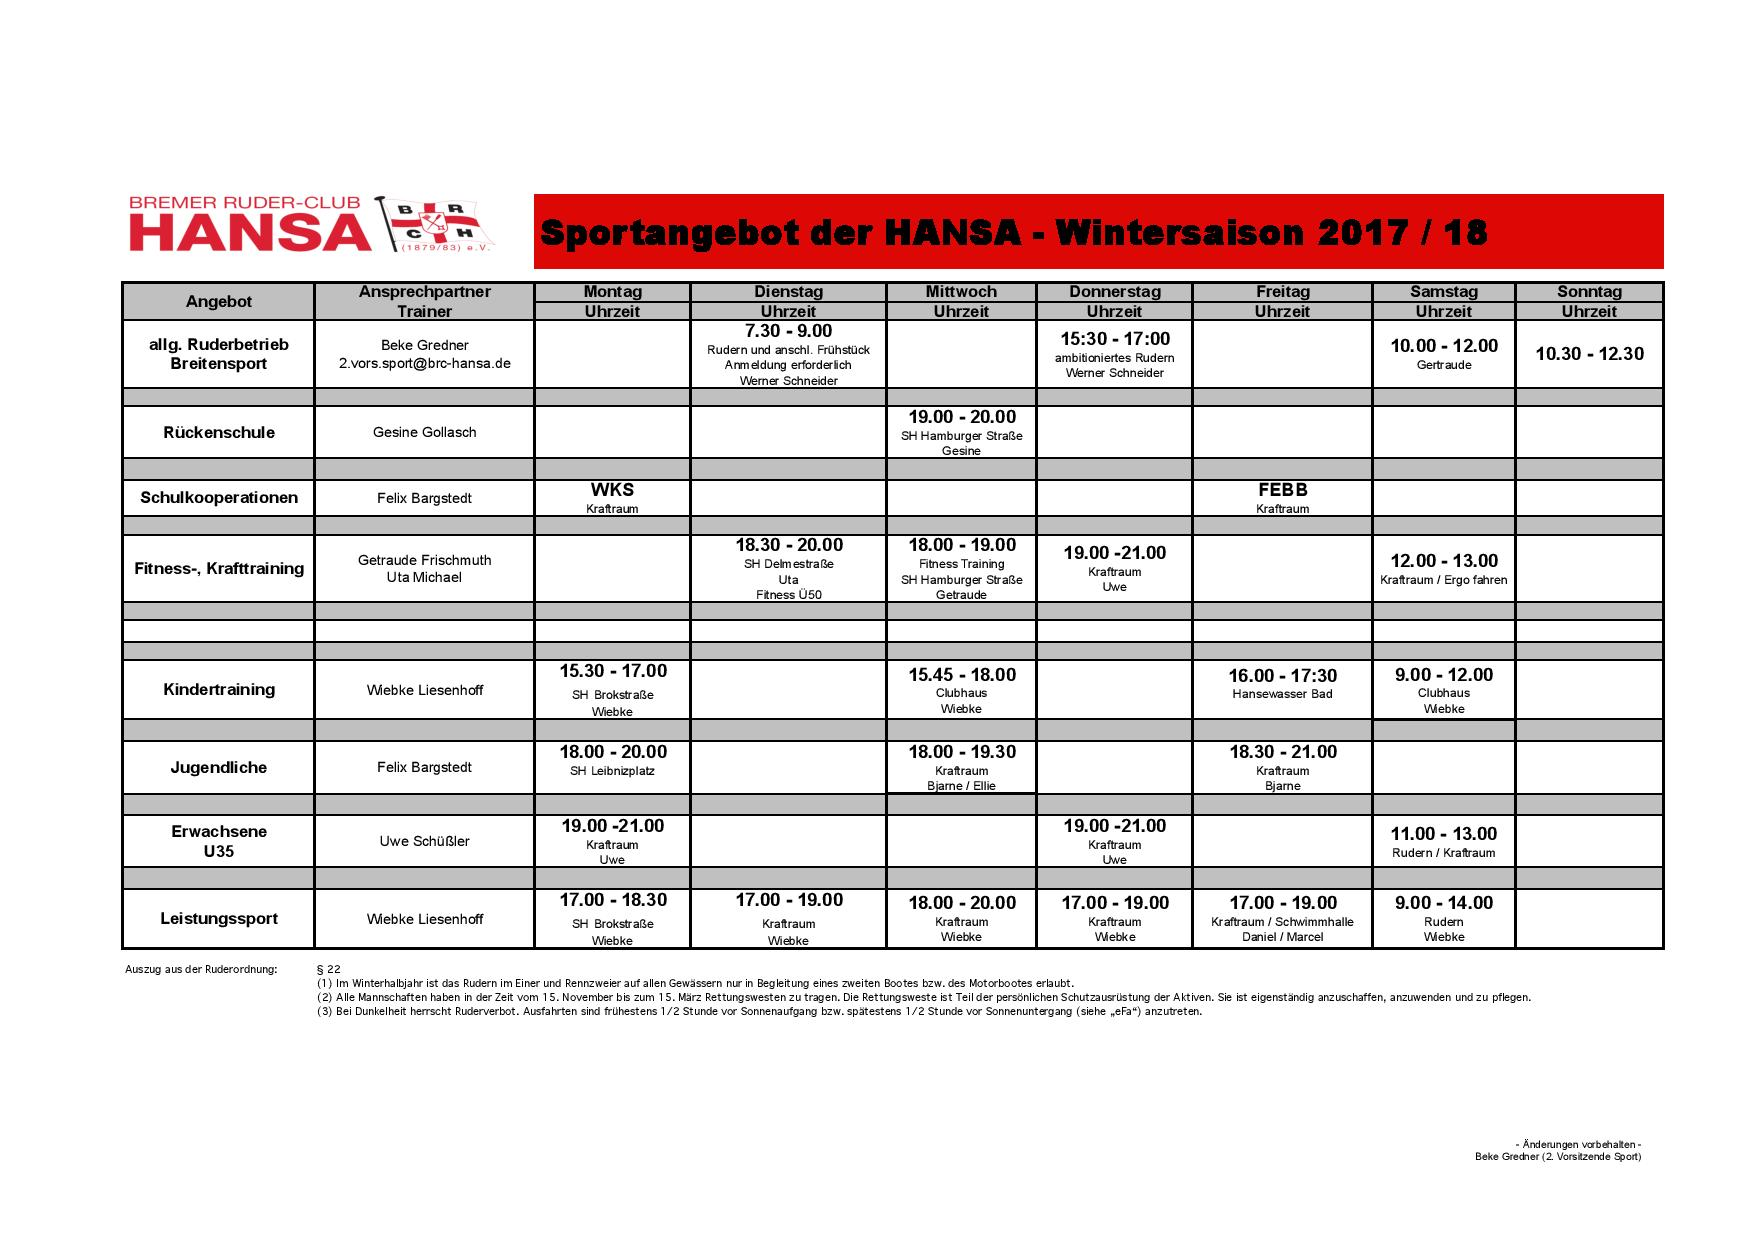 Wintersportprogramm 2017/2018